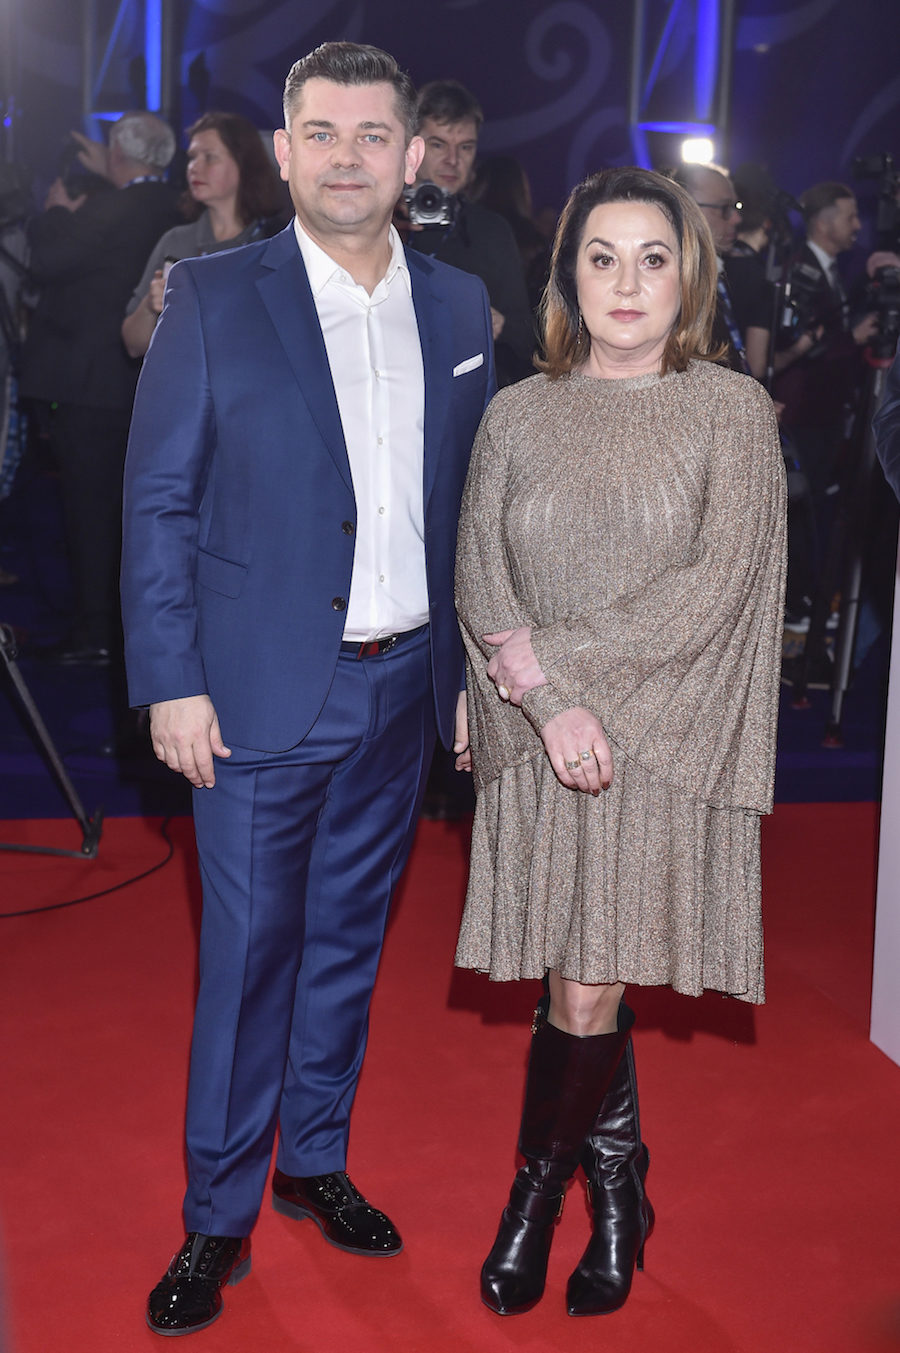 Zenon Martyniuk z żoną Danutą na czerwonym dywanie.